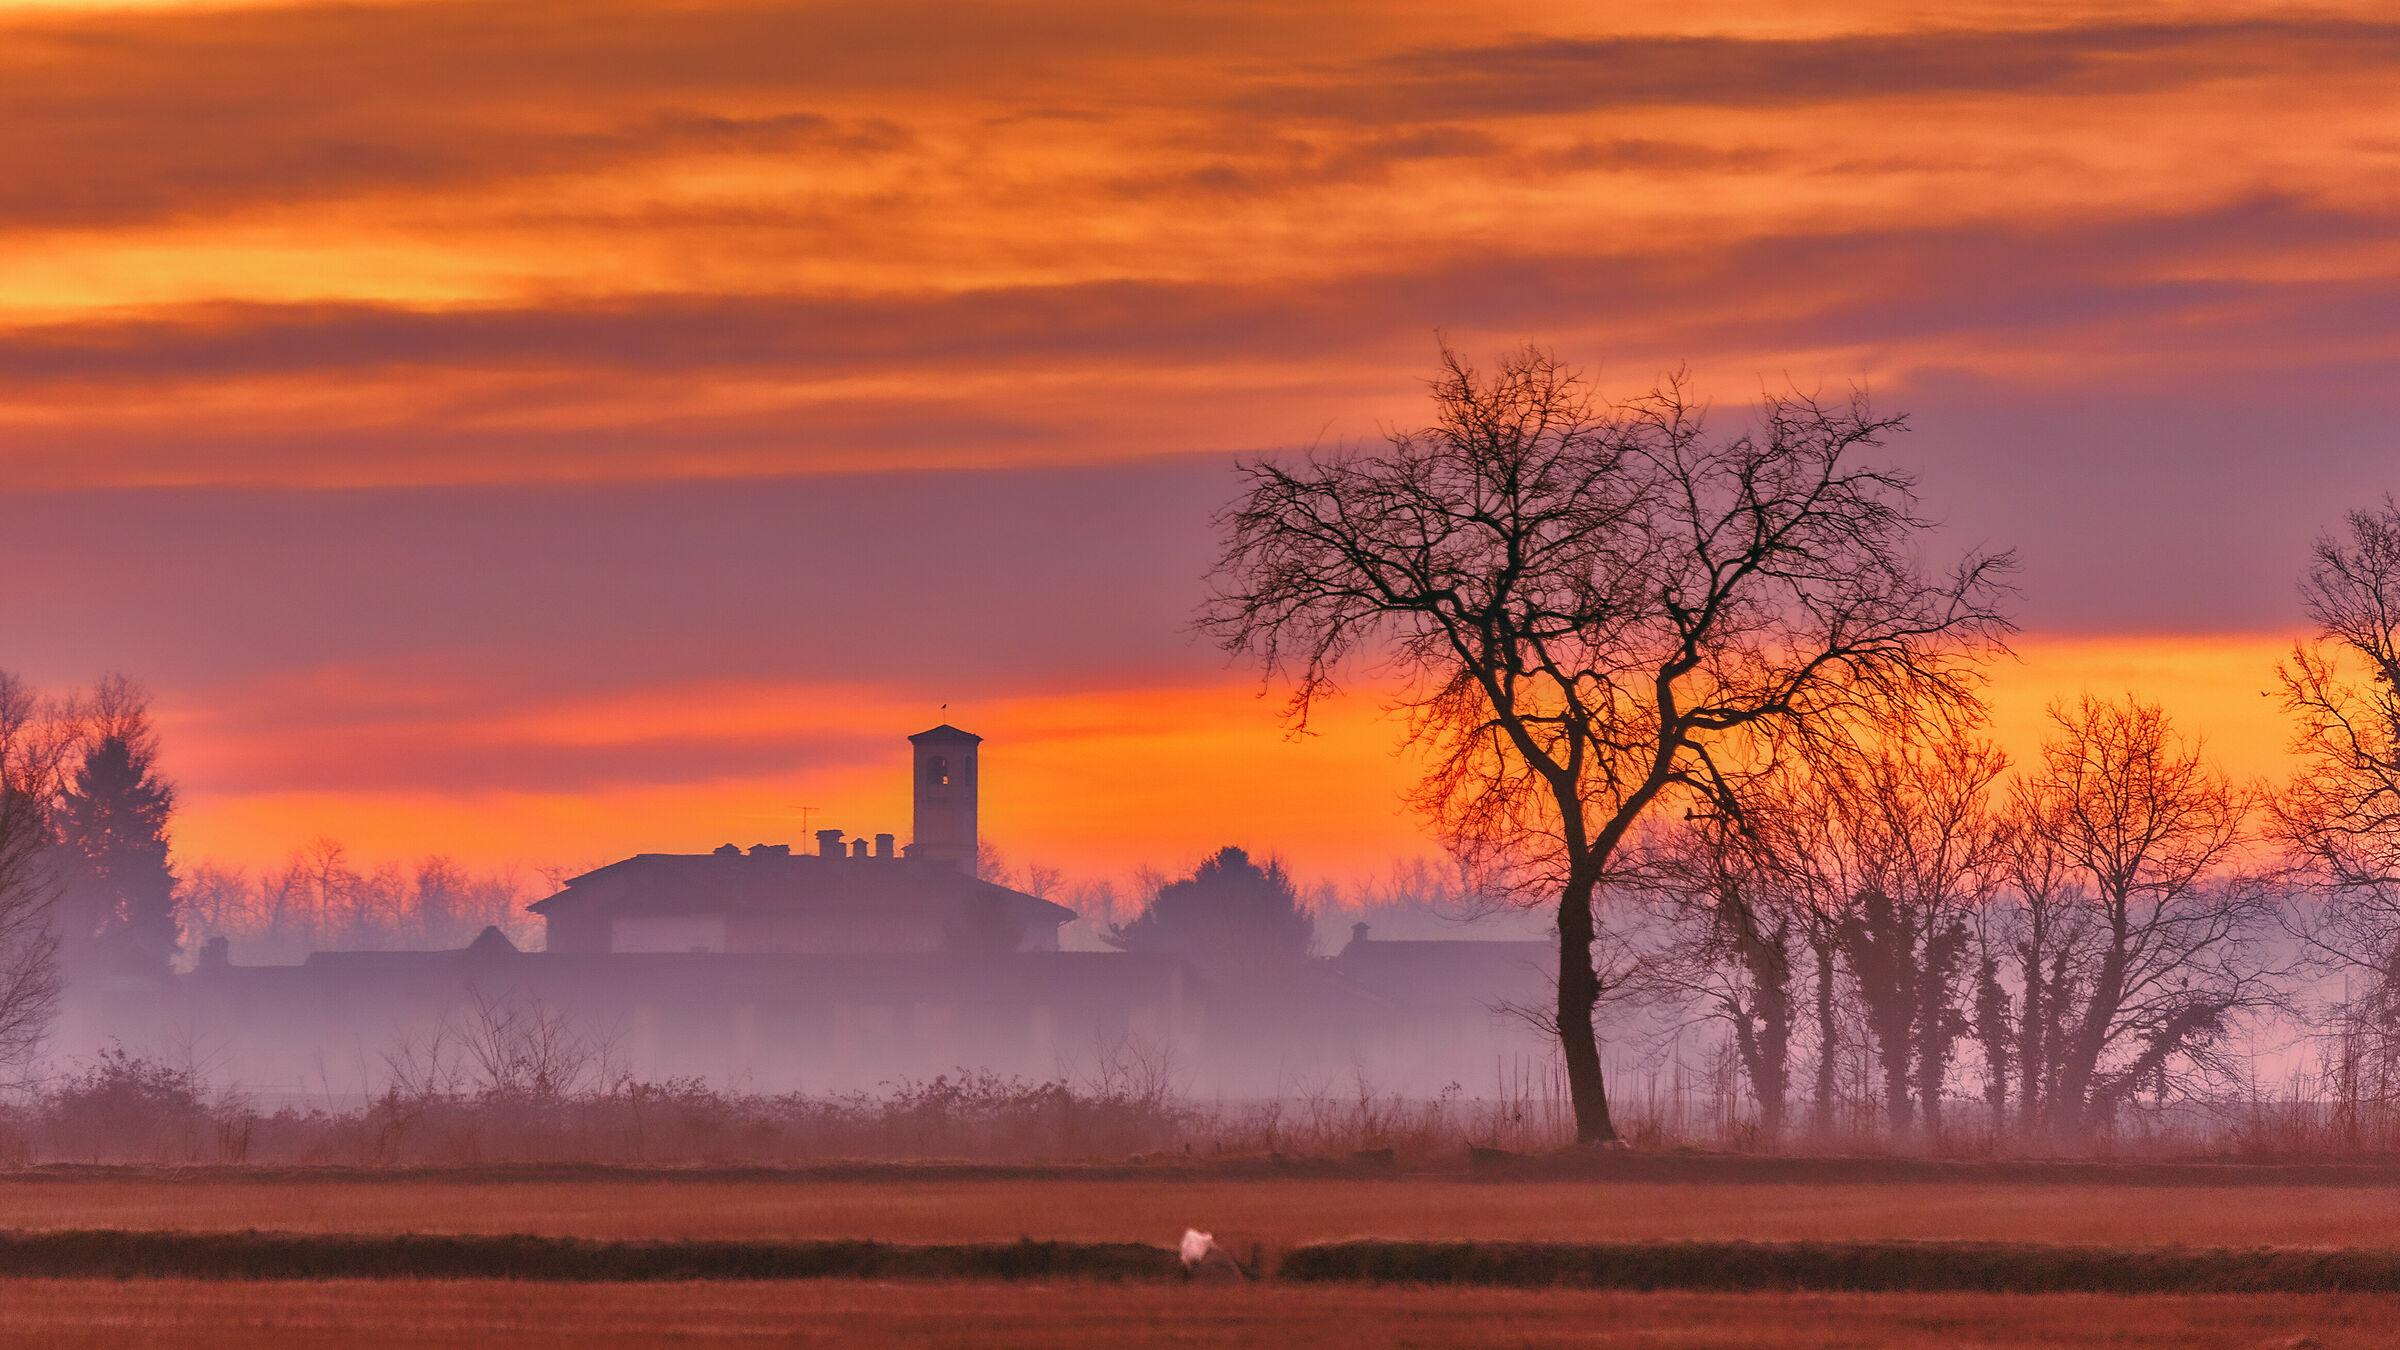 Un albero,una chiesa e un po di nebbia...